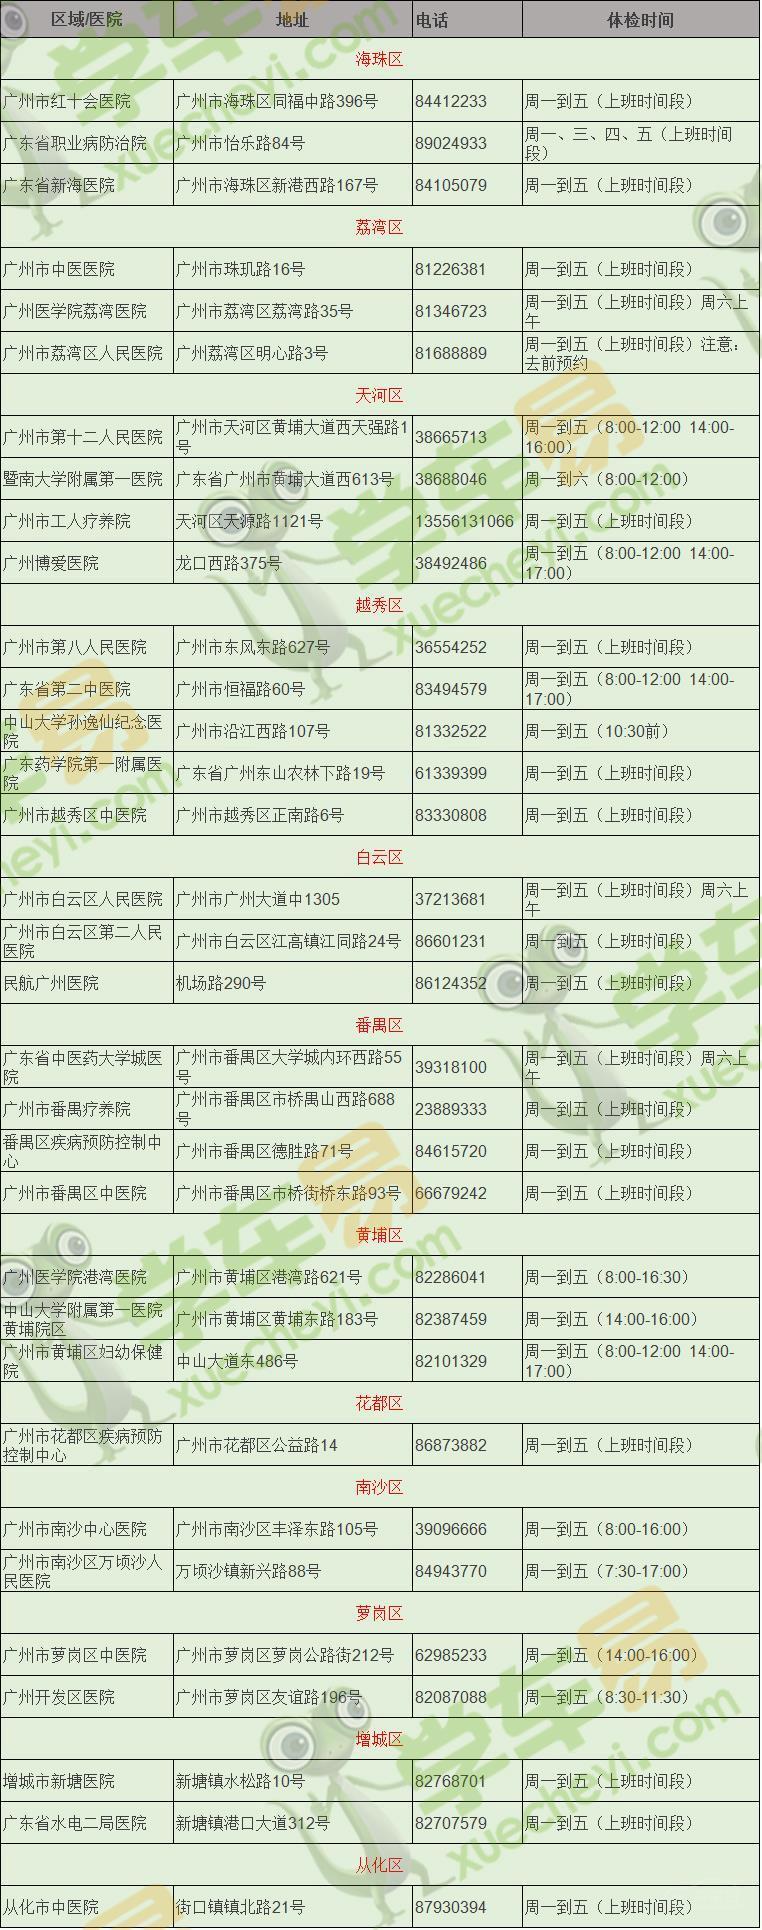 【最新】广州驾考学车体检医院[yīyuàn][yīyuàn]大全(必须收藏!)